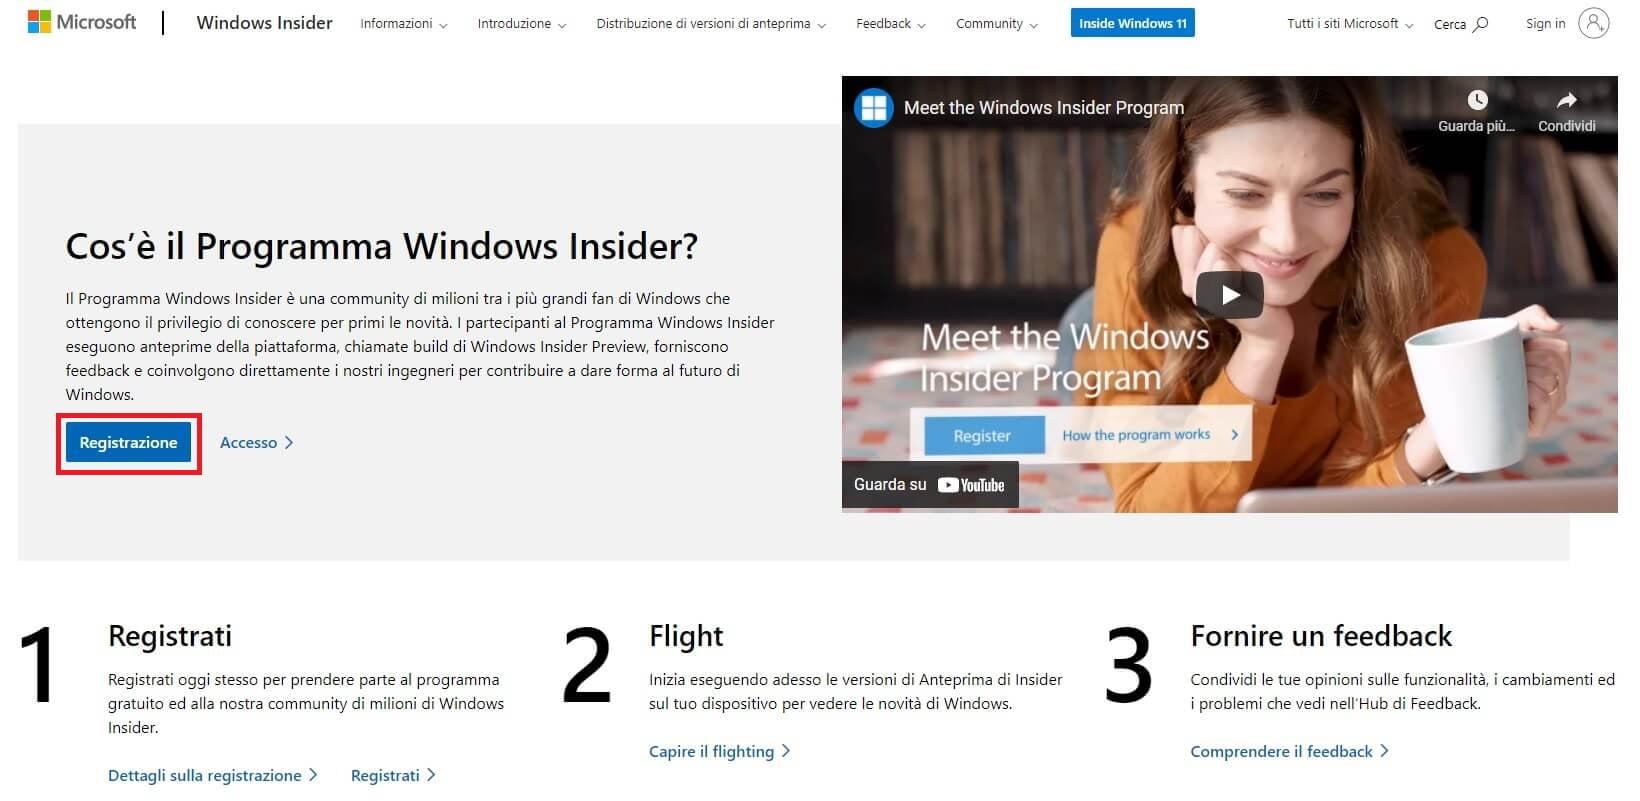 partecipa al programma Windows Insider per scaricare e provare windows 11